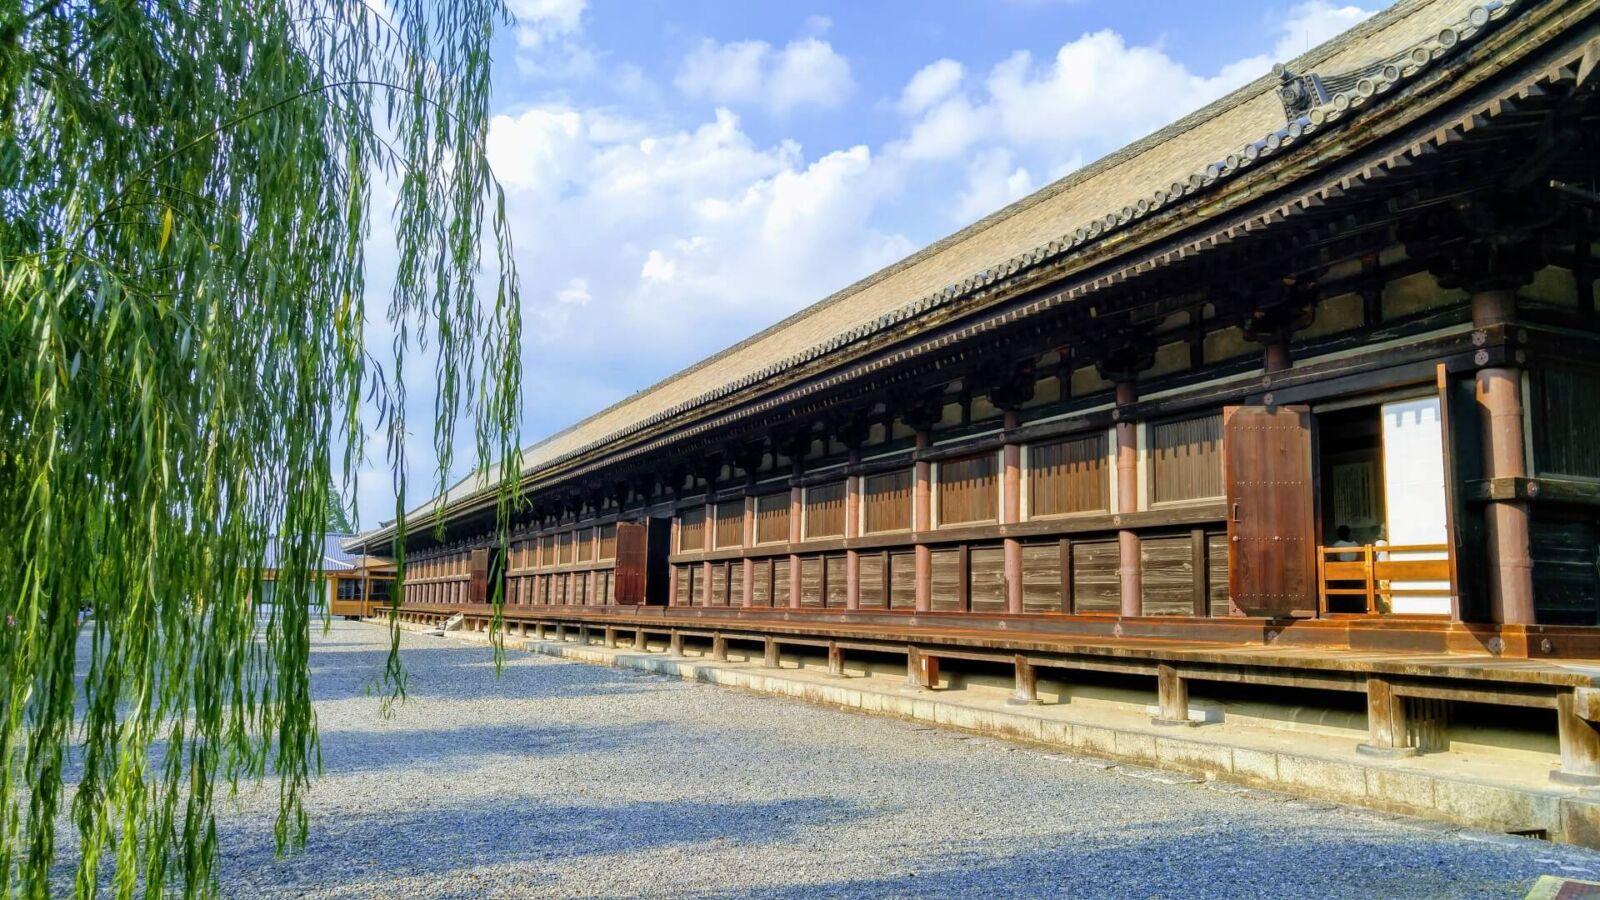 kyoto-sangusangendo